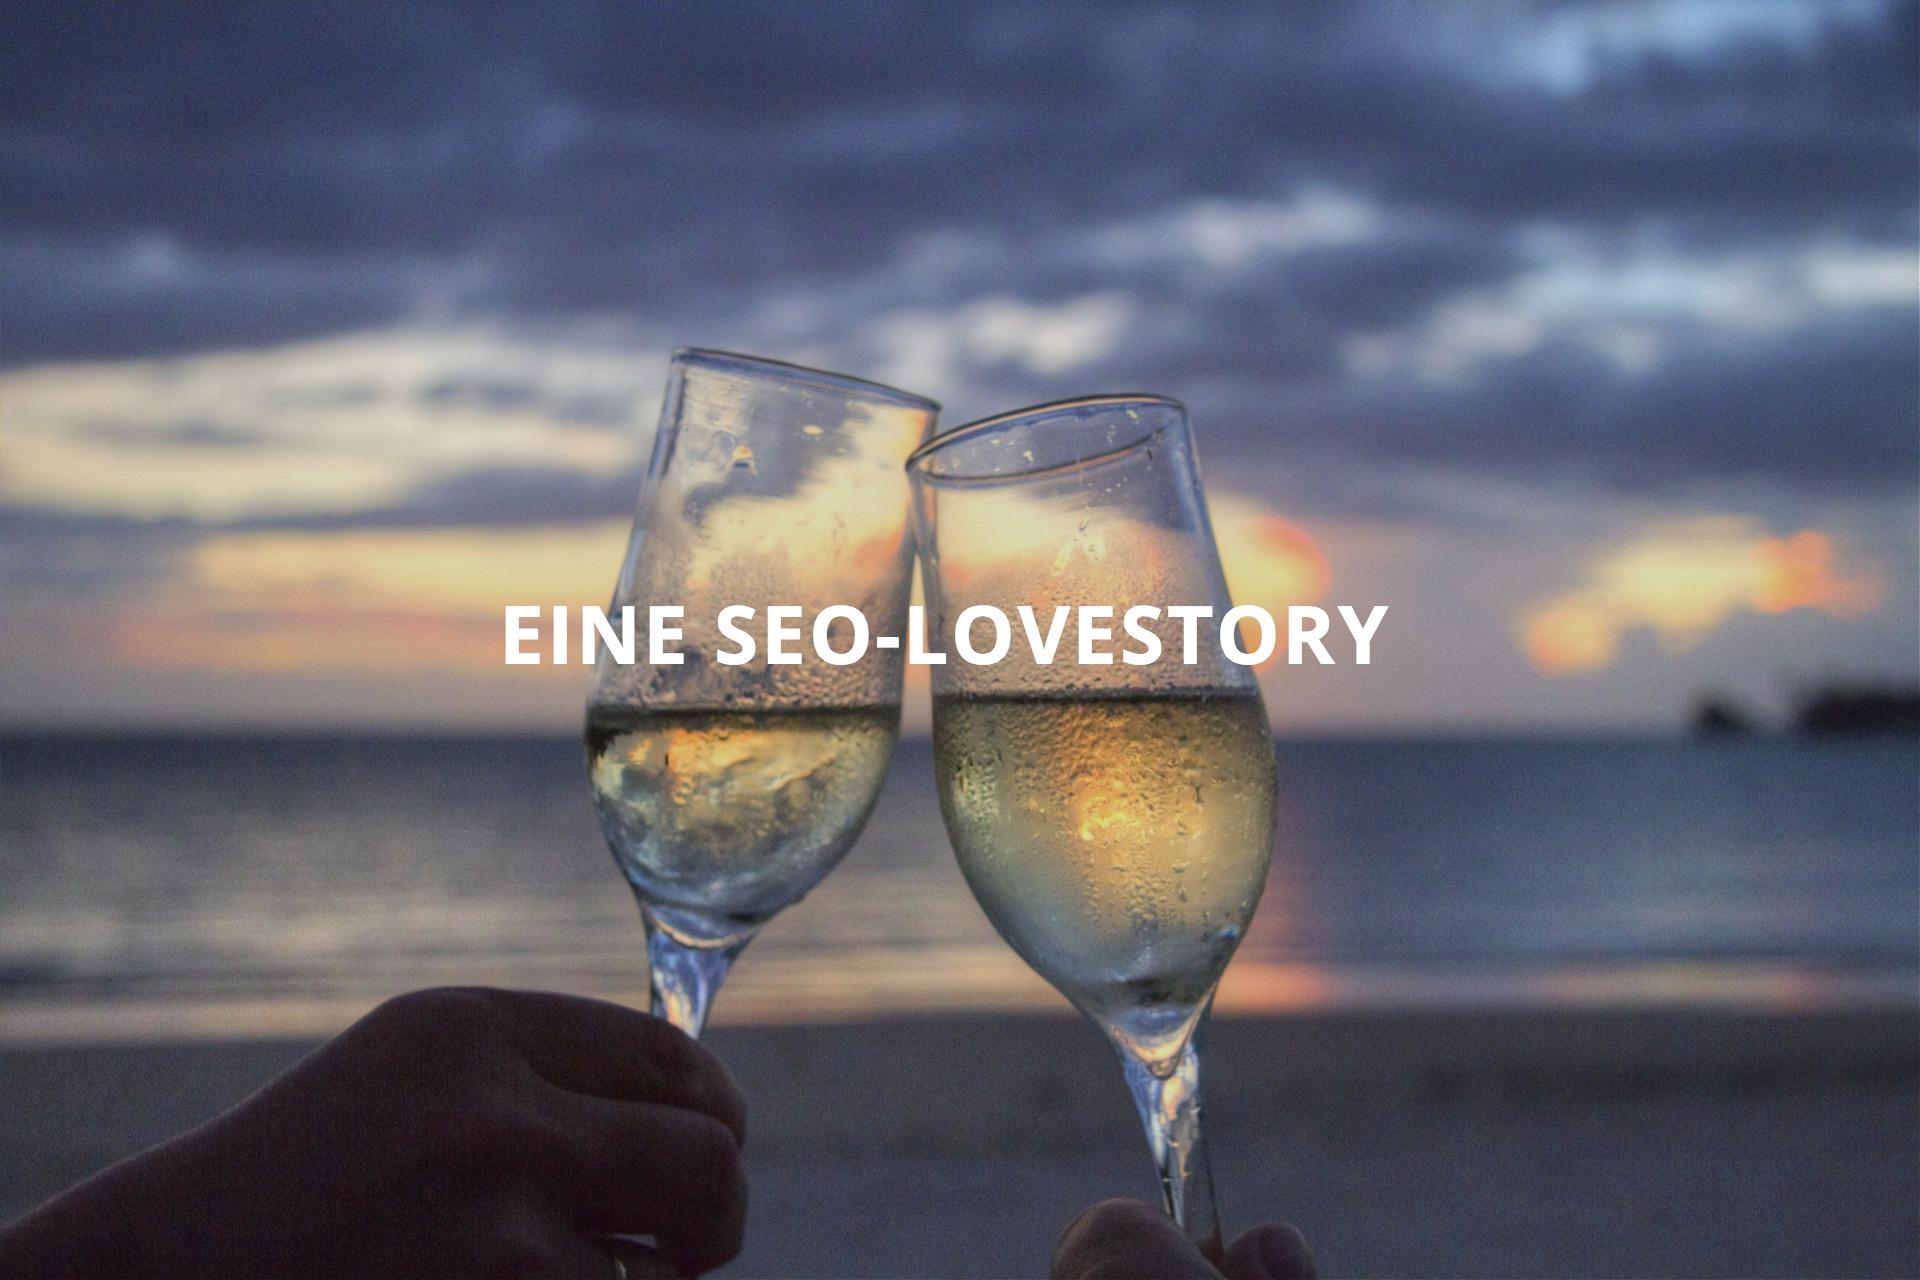 SEO-Lovestory